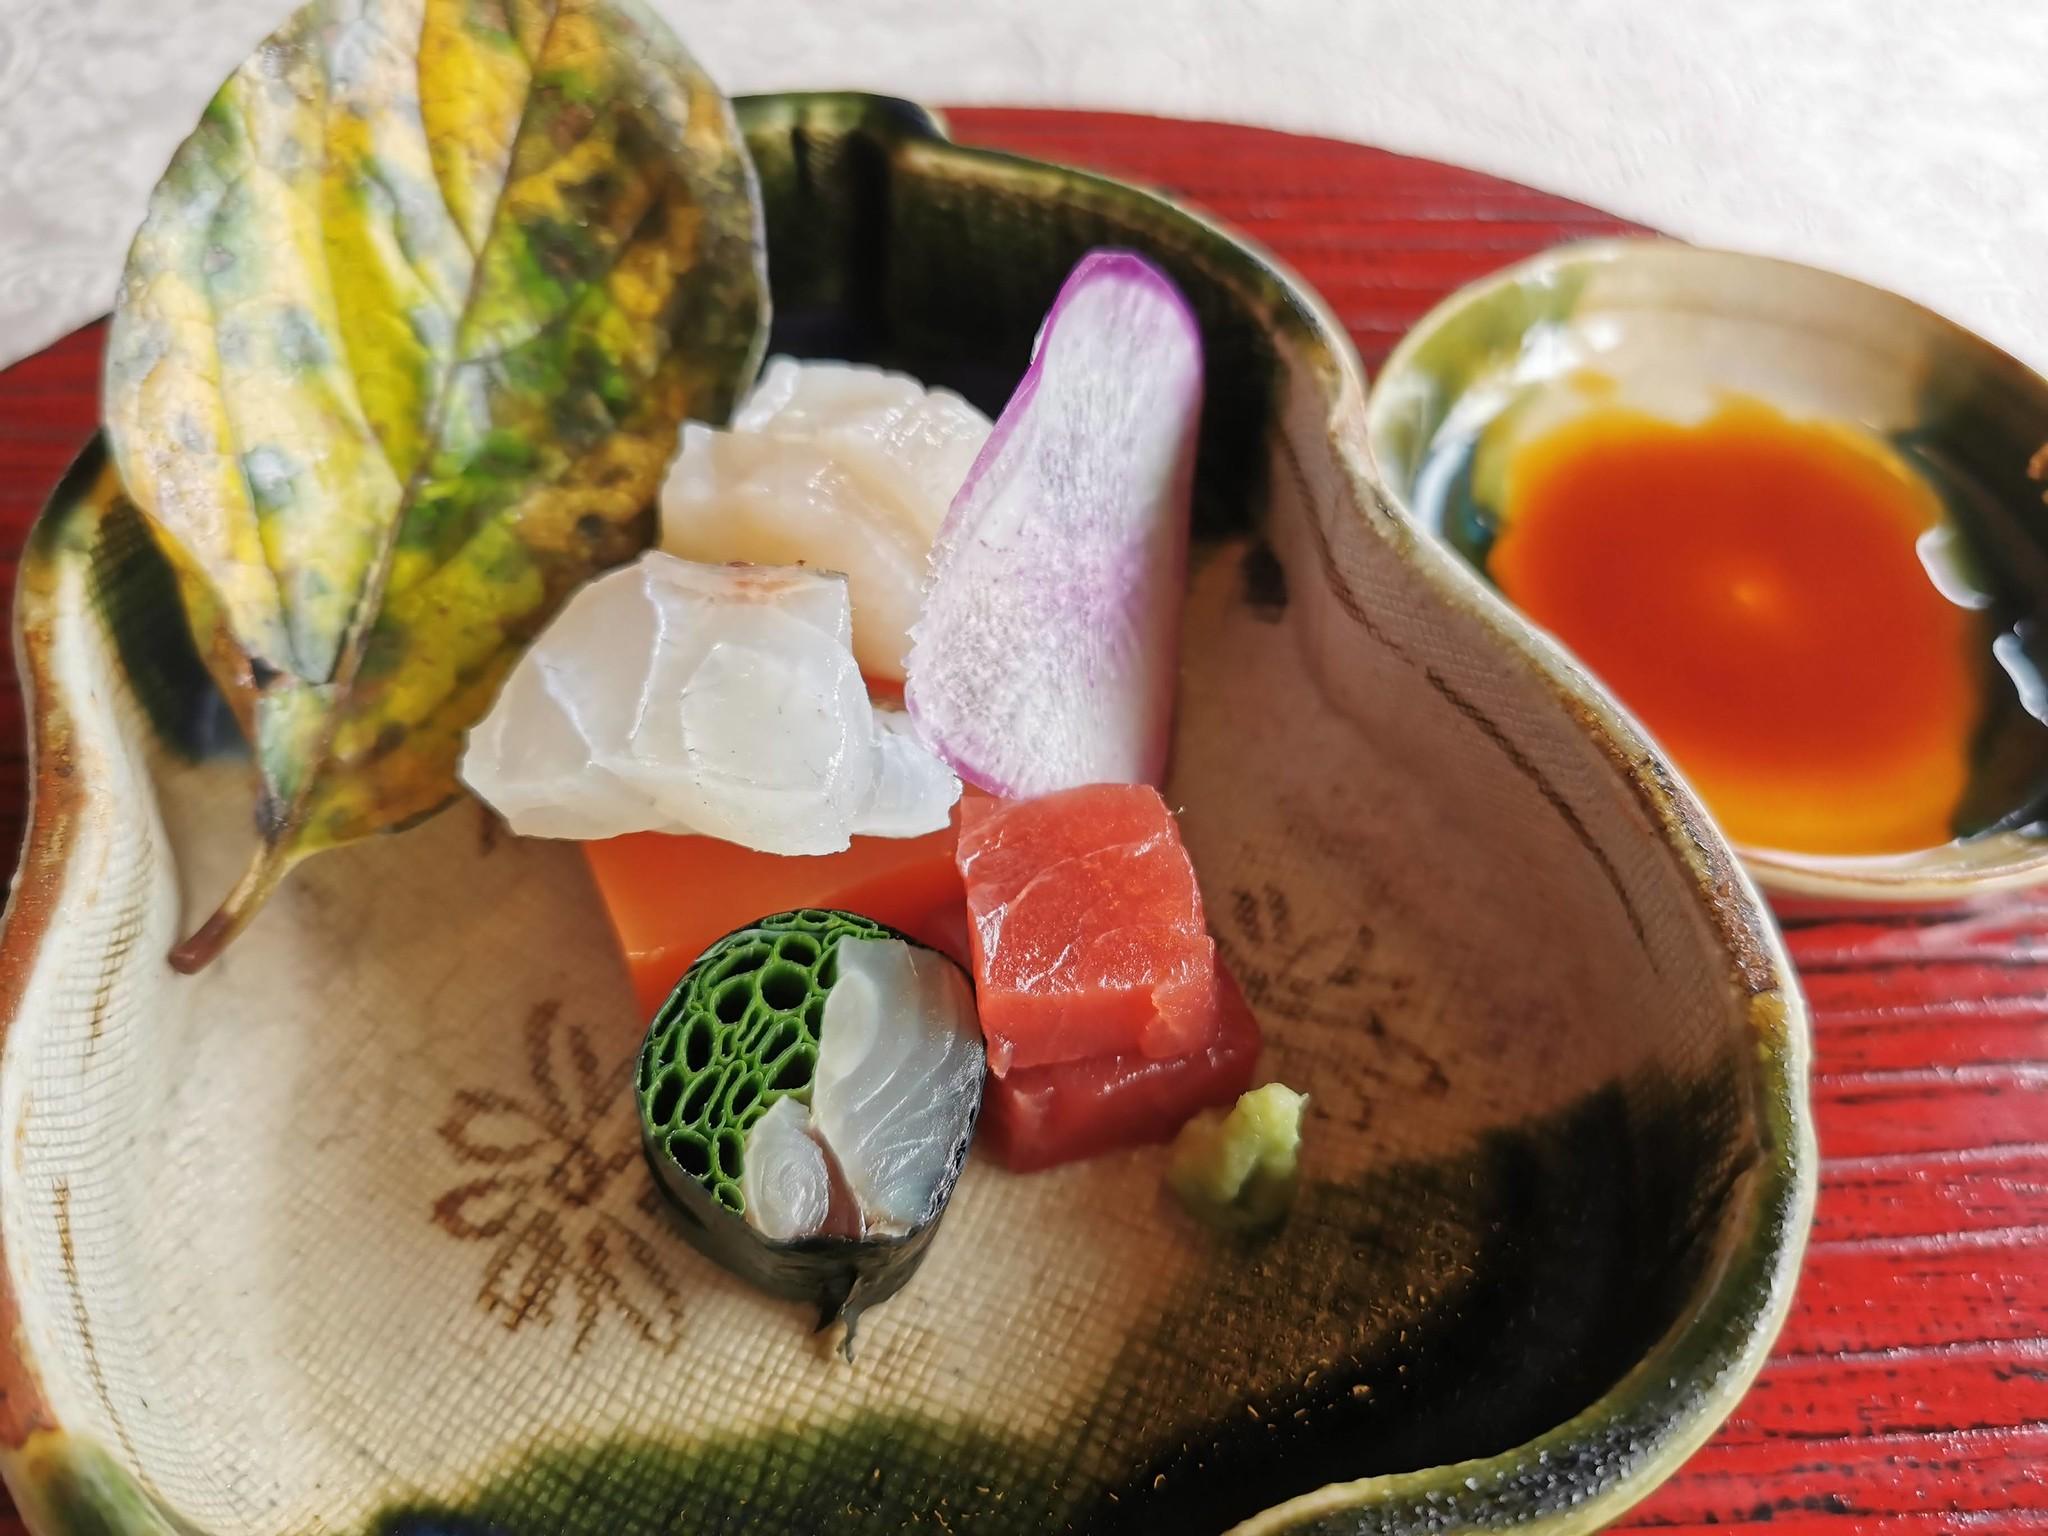 【北鎌倉】幻董庵@素敵な日本家屋でいただく季節の食材を使った懐石料理。古都の雰囲気を味わえる隠れ家。